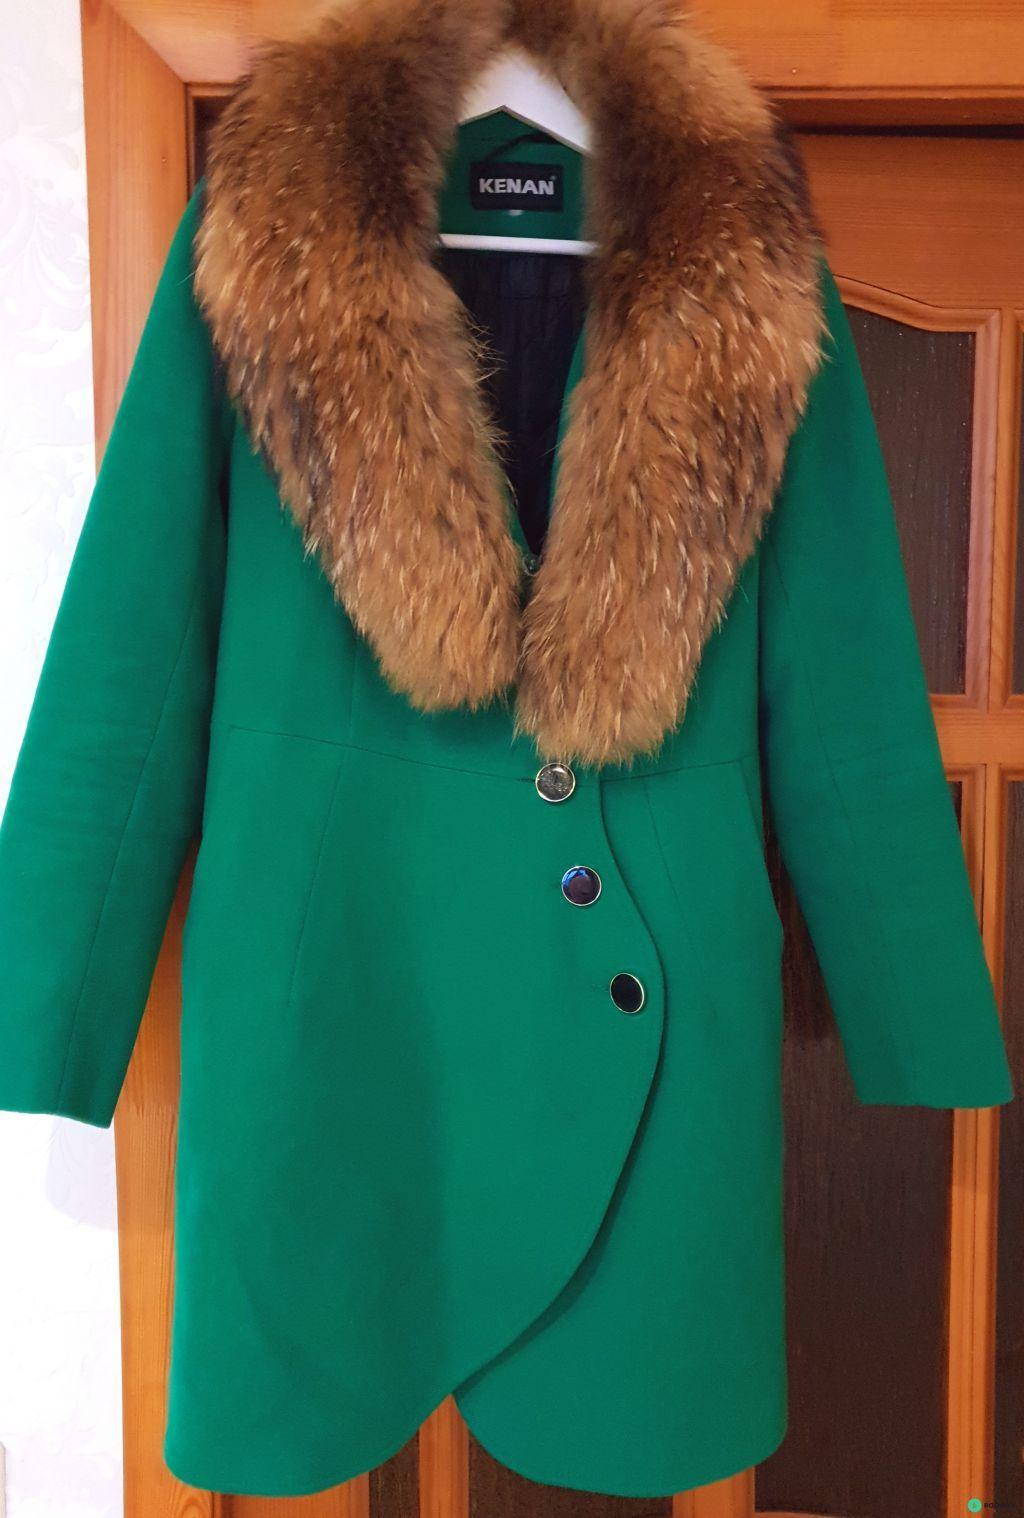 Зимнее пальто, размер L в отличном состоянии